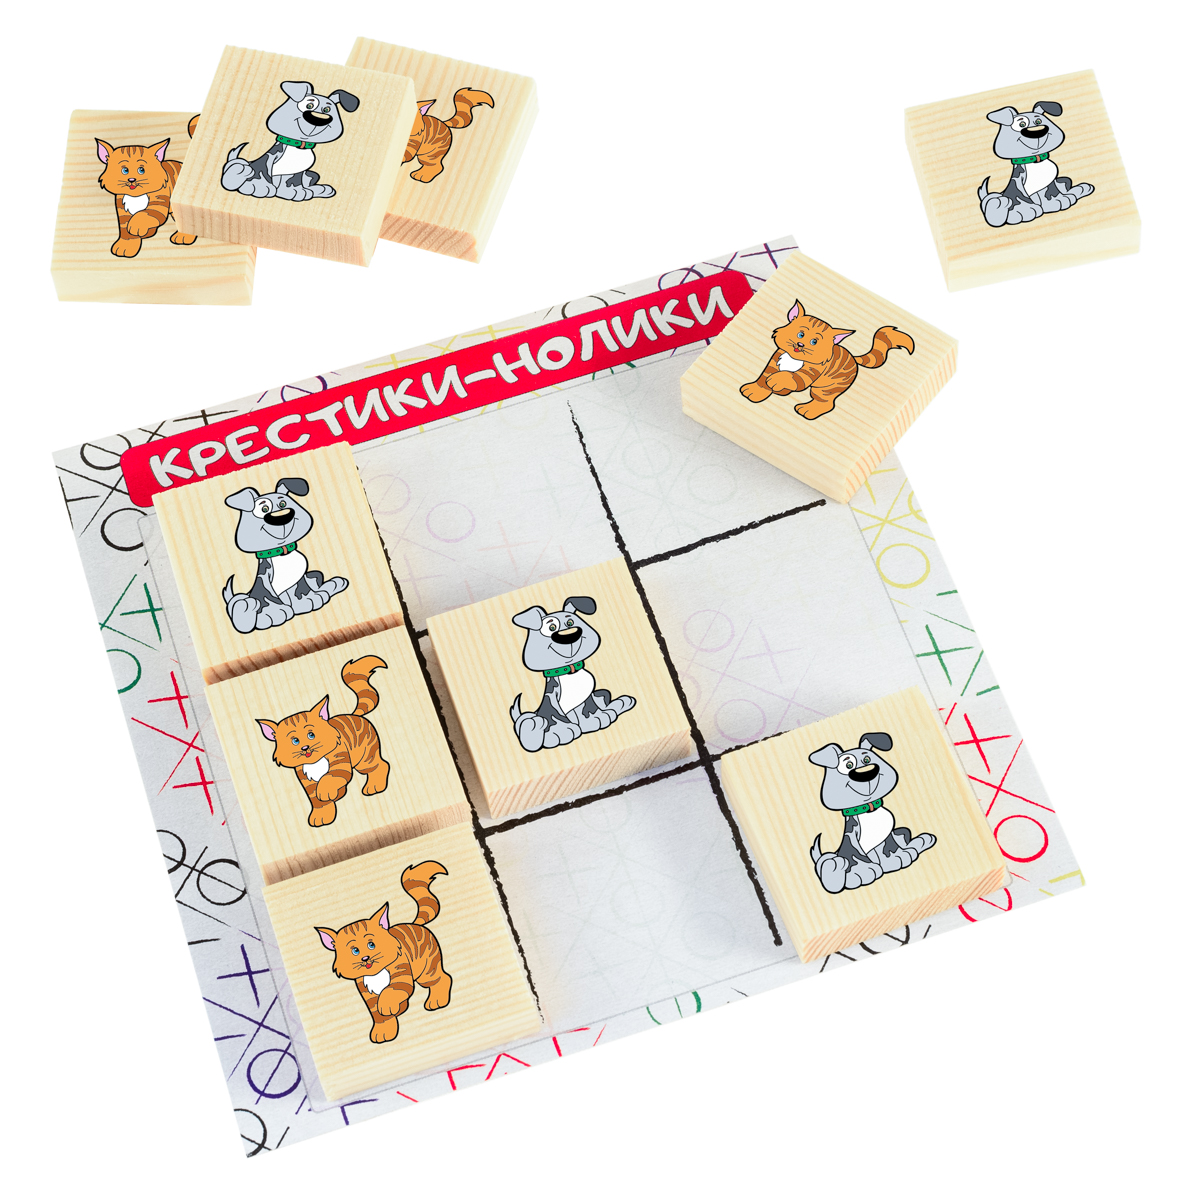 Развивающие деревянные игрушки Обучающая игра Крестики-нолики Кошки против собак развивающие деревянные игрушки обучающая игра крестики нолики классика